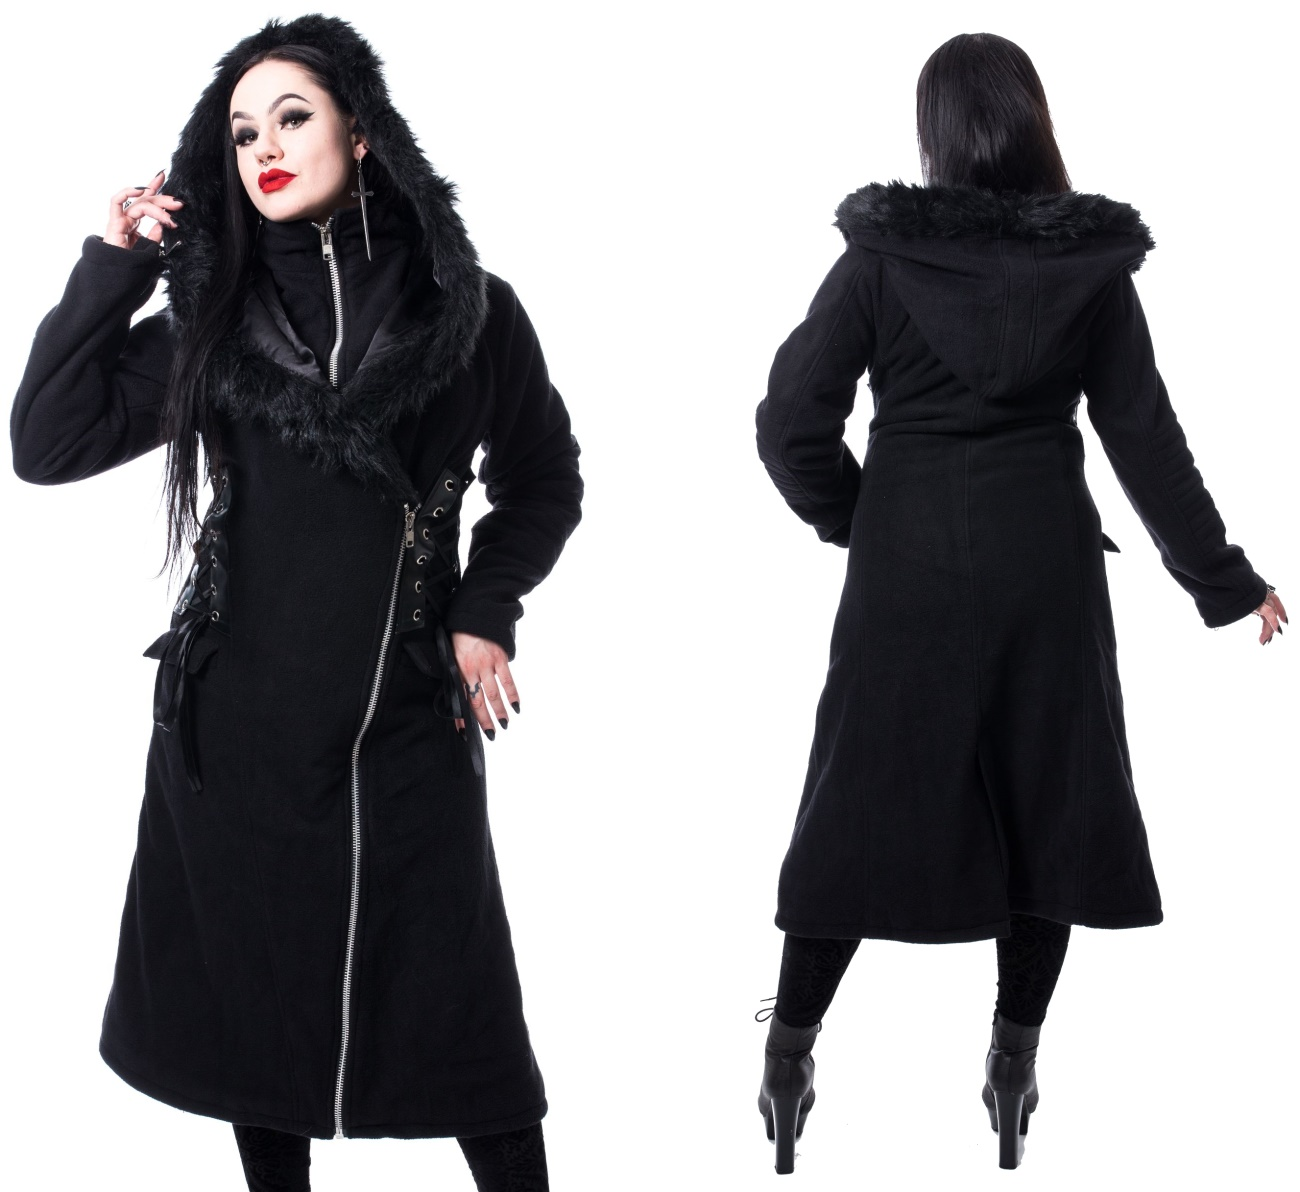 Gothicmantel Willow Coat Vixxsin